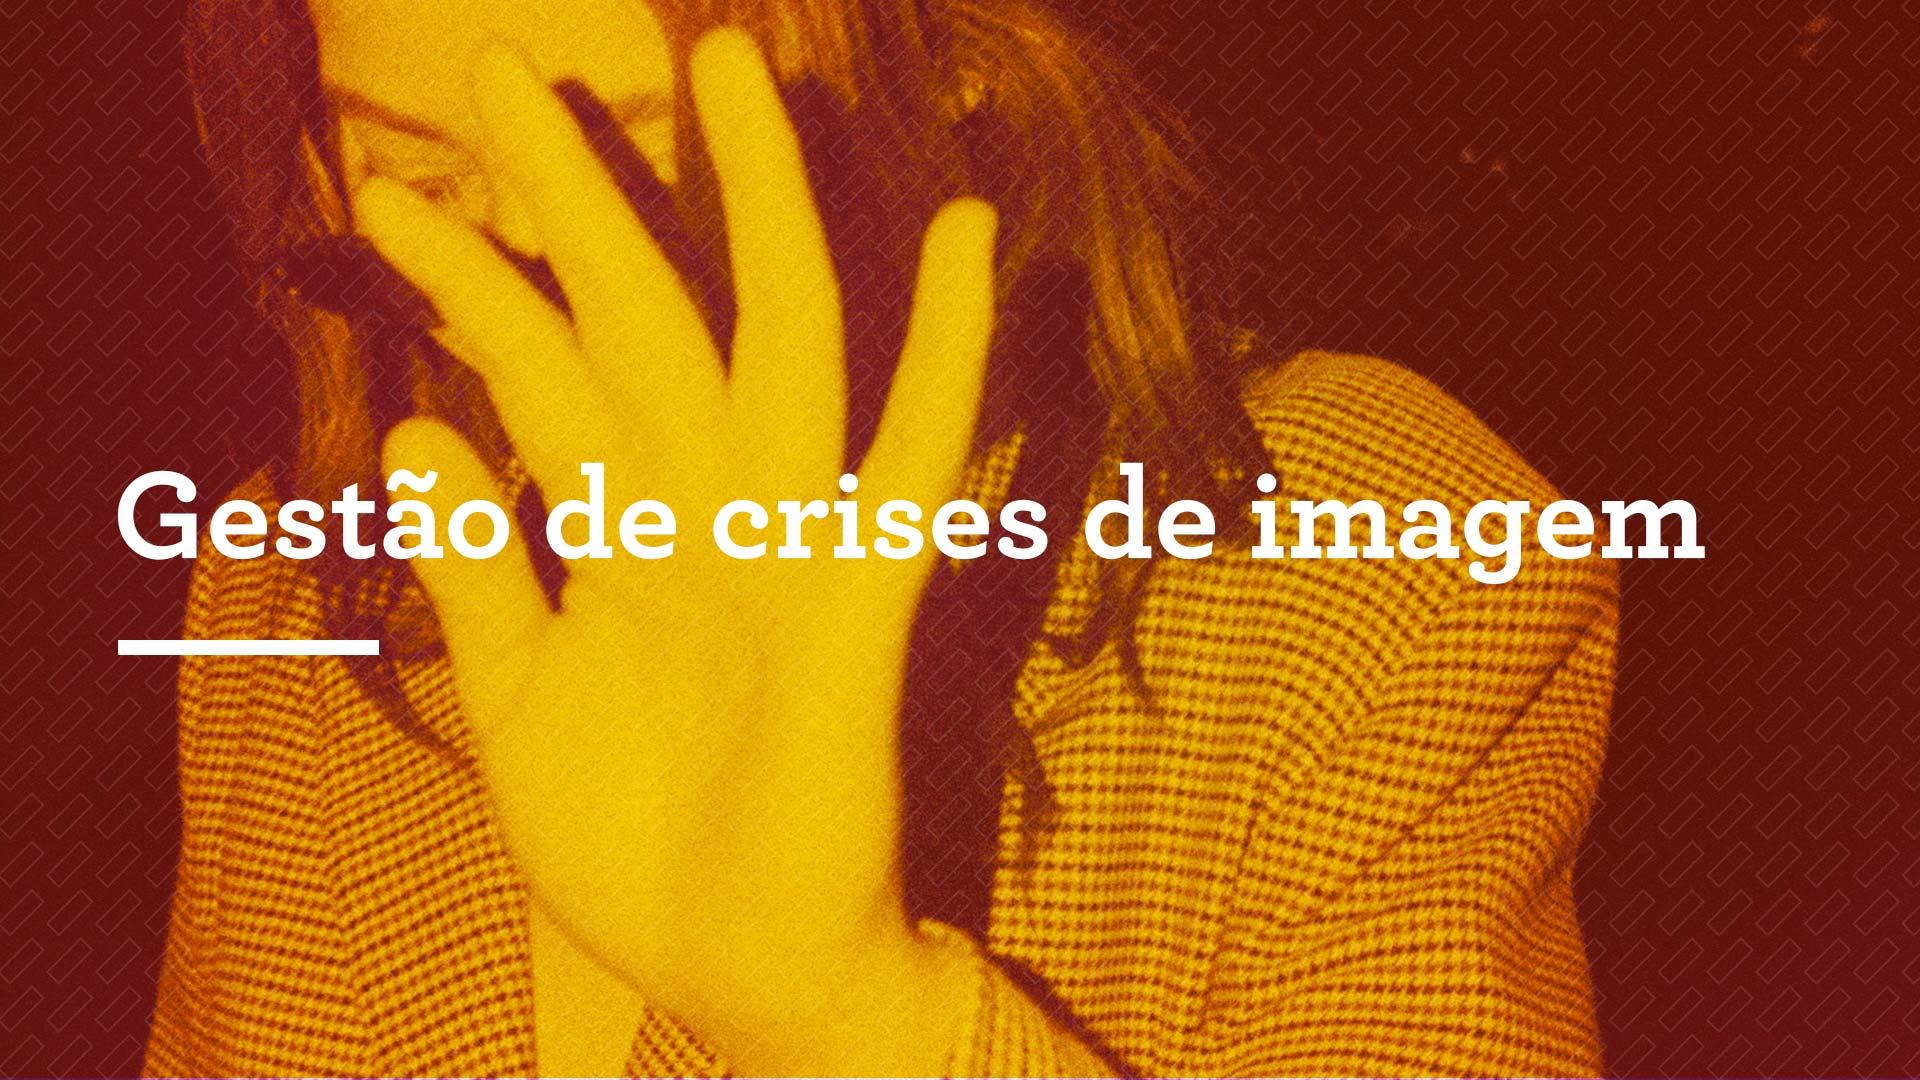 Gestão de crises de imagem